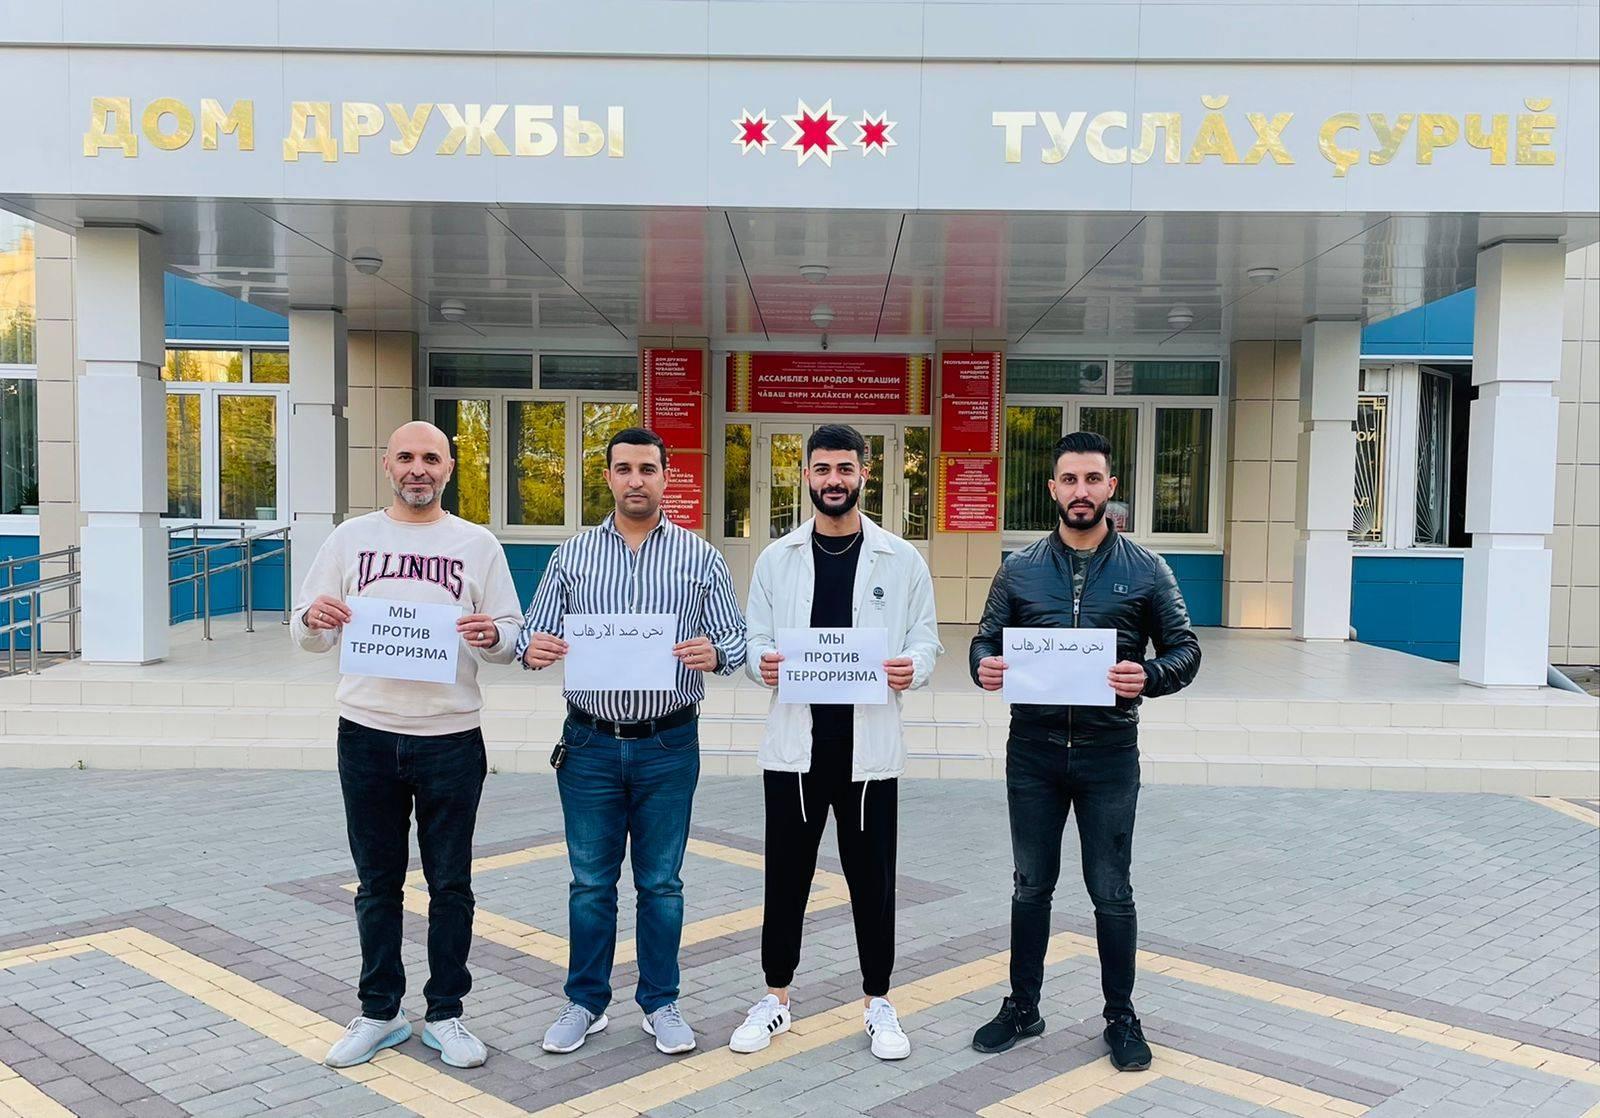 Участники флешмоба Минкультуры Чувашии - представители Сирии